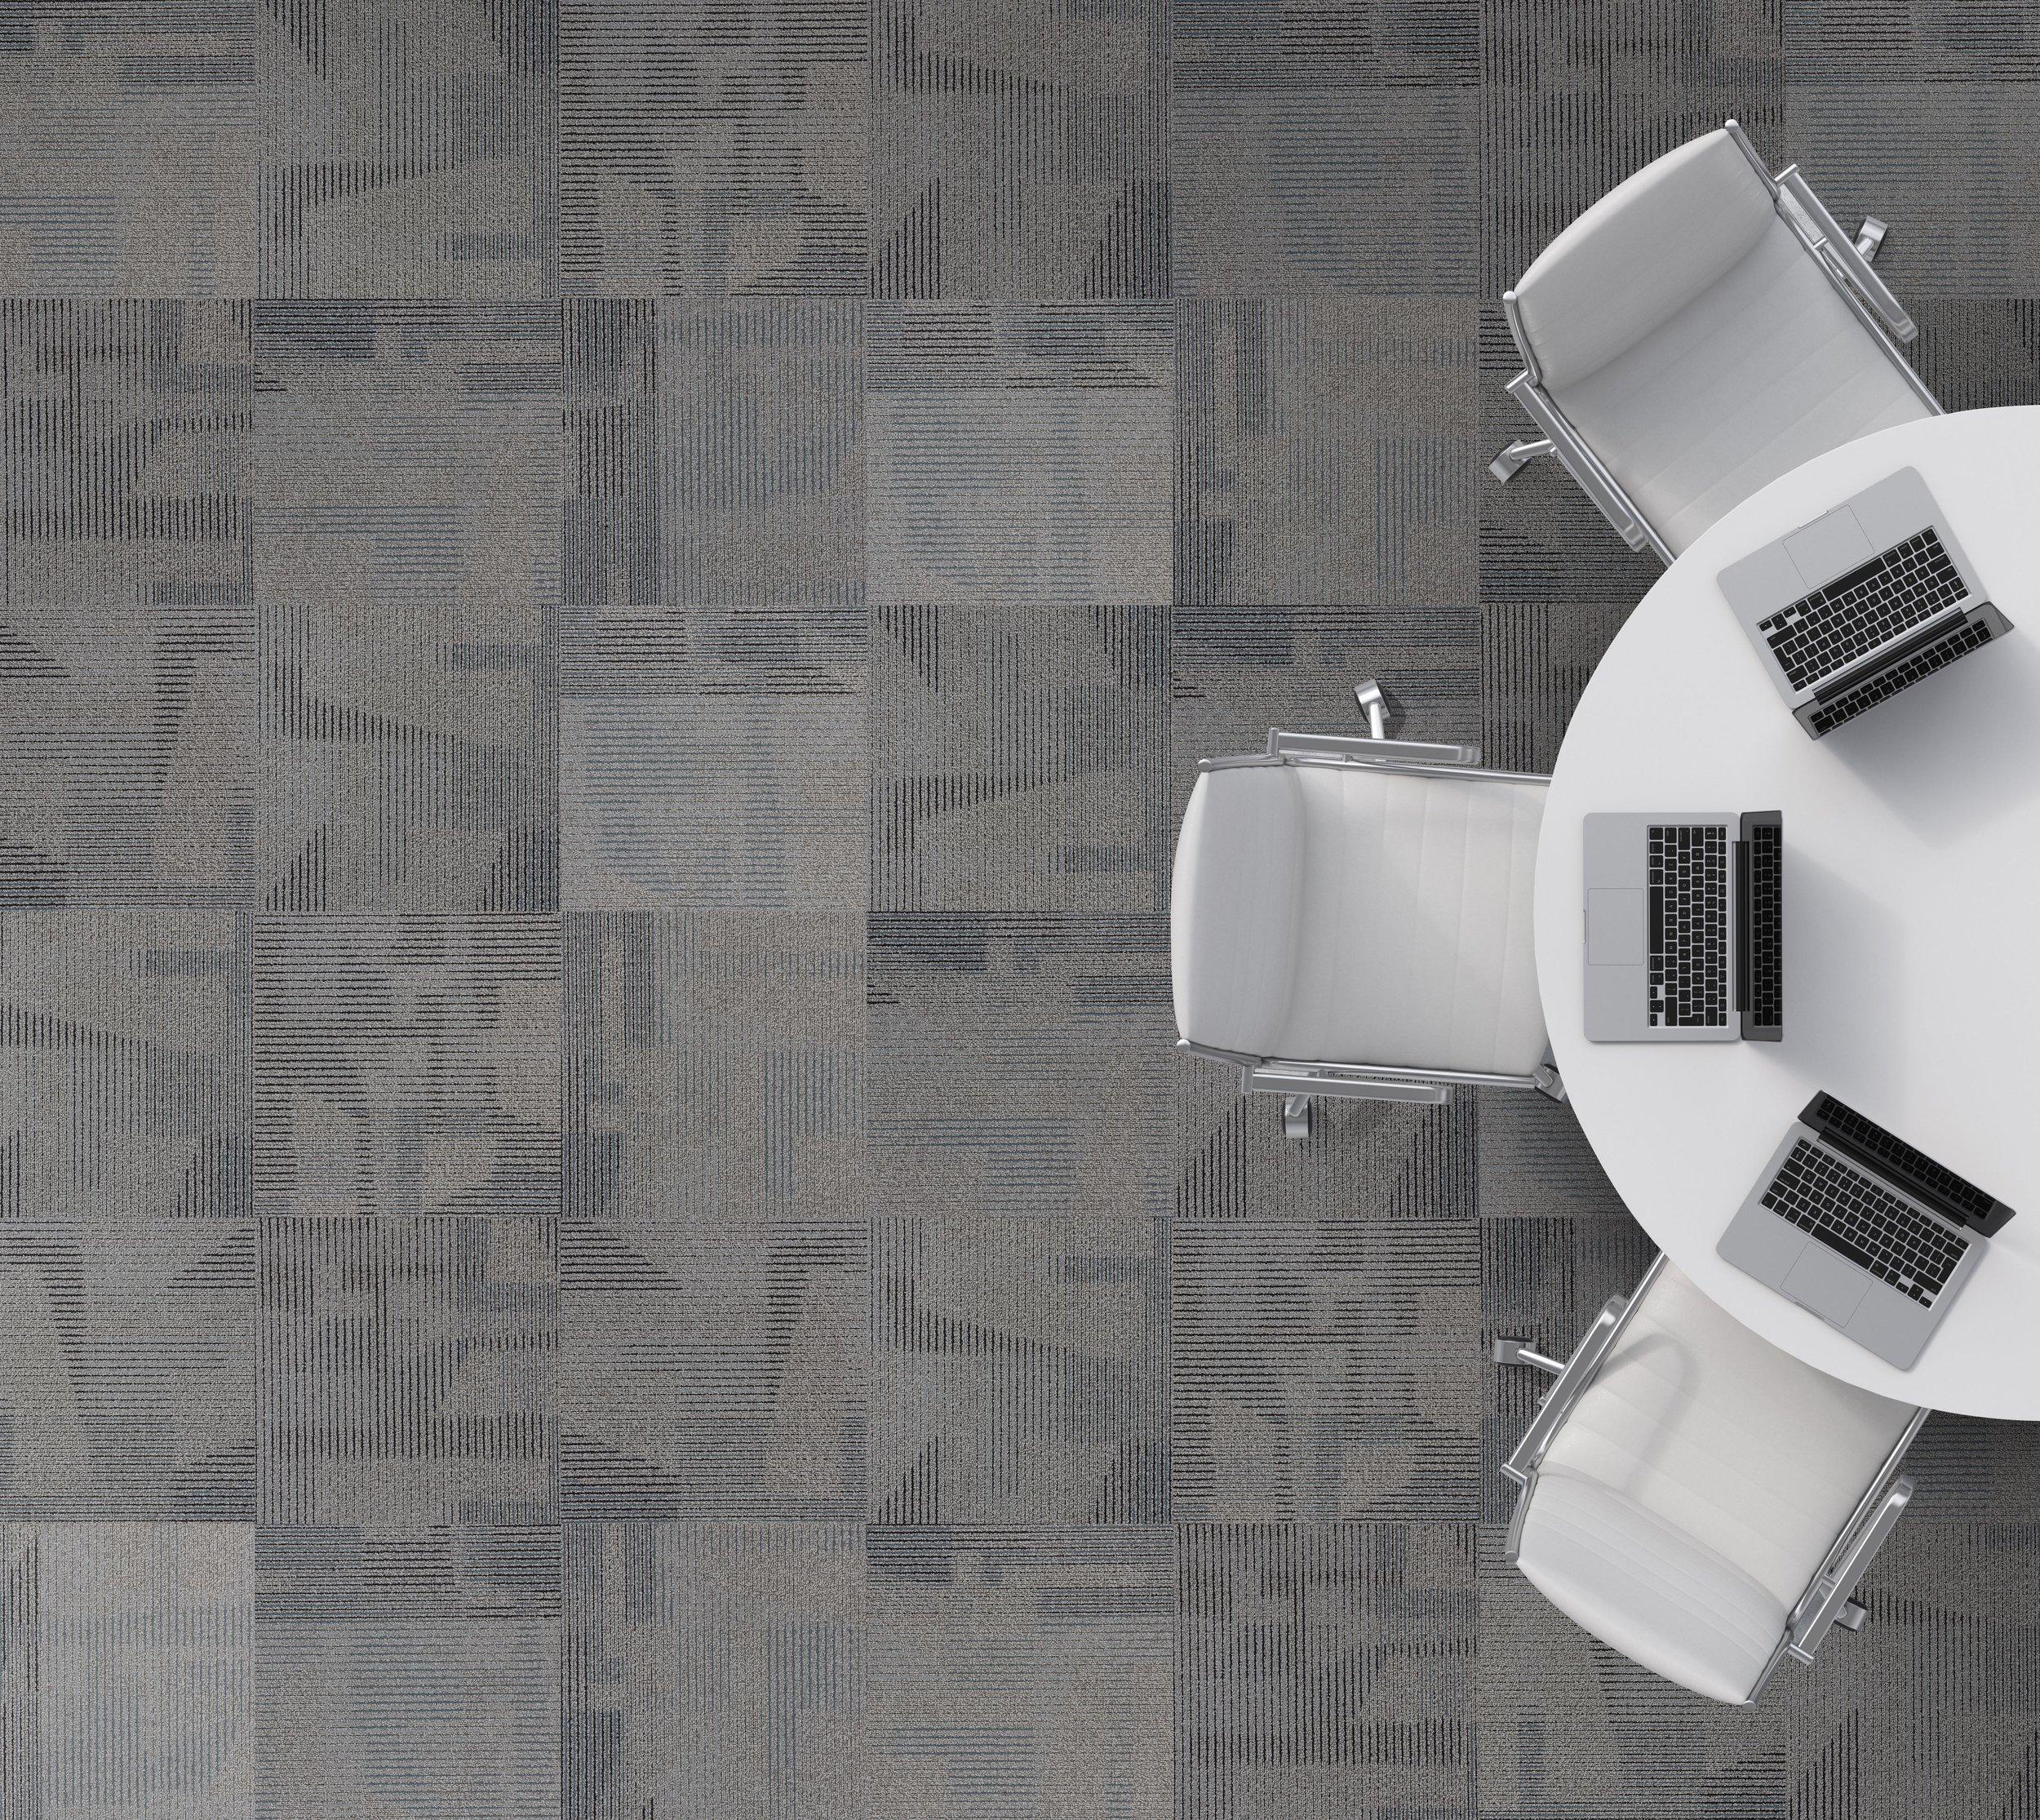 MUSHROOM — 15126 Quarter Turn installation